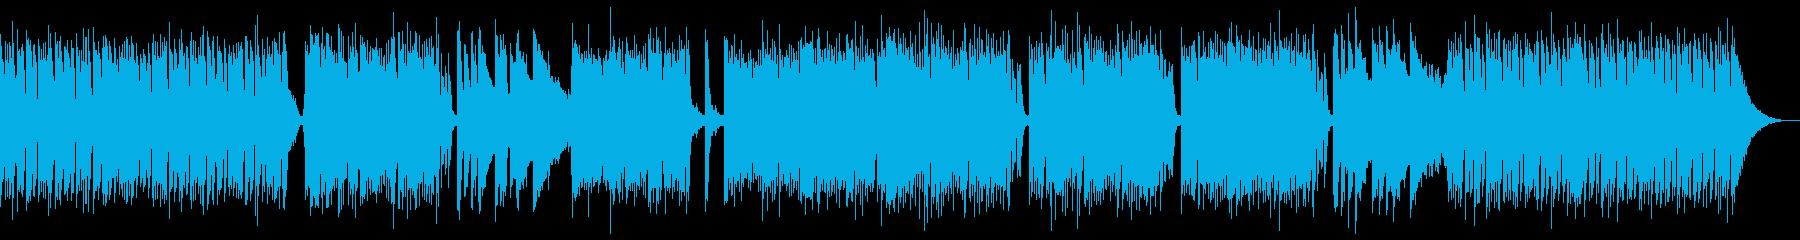 生演奏ギターの明るいボサノバオープニングの再生済みの波形